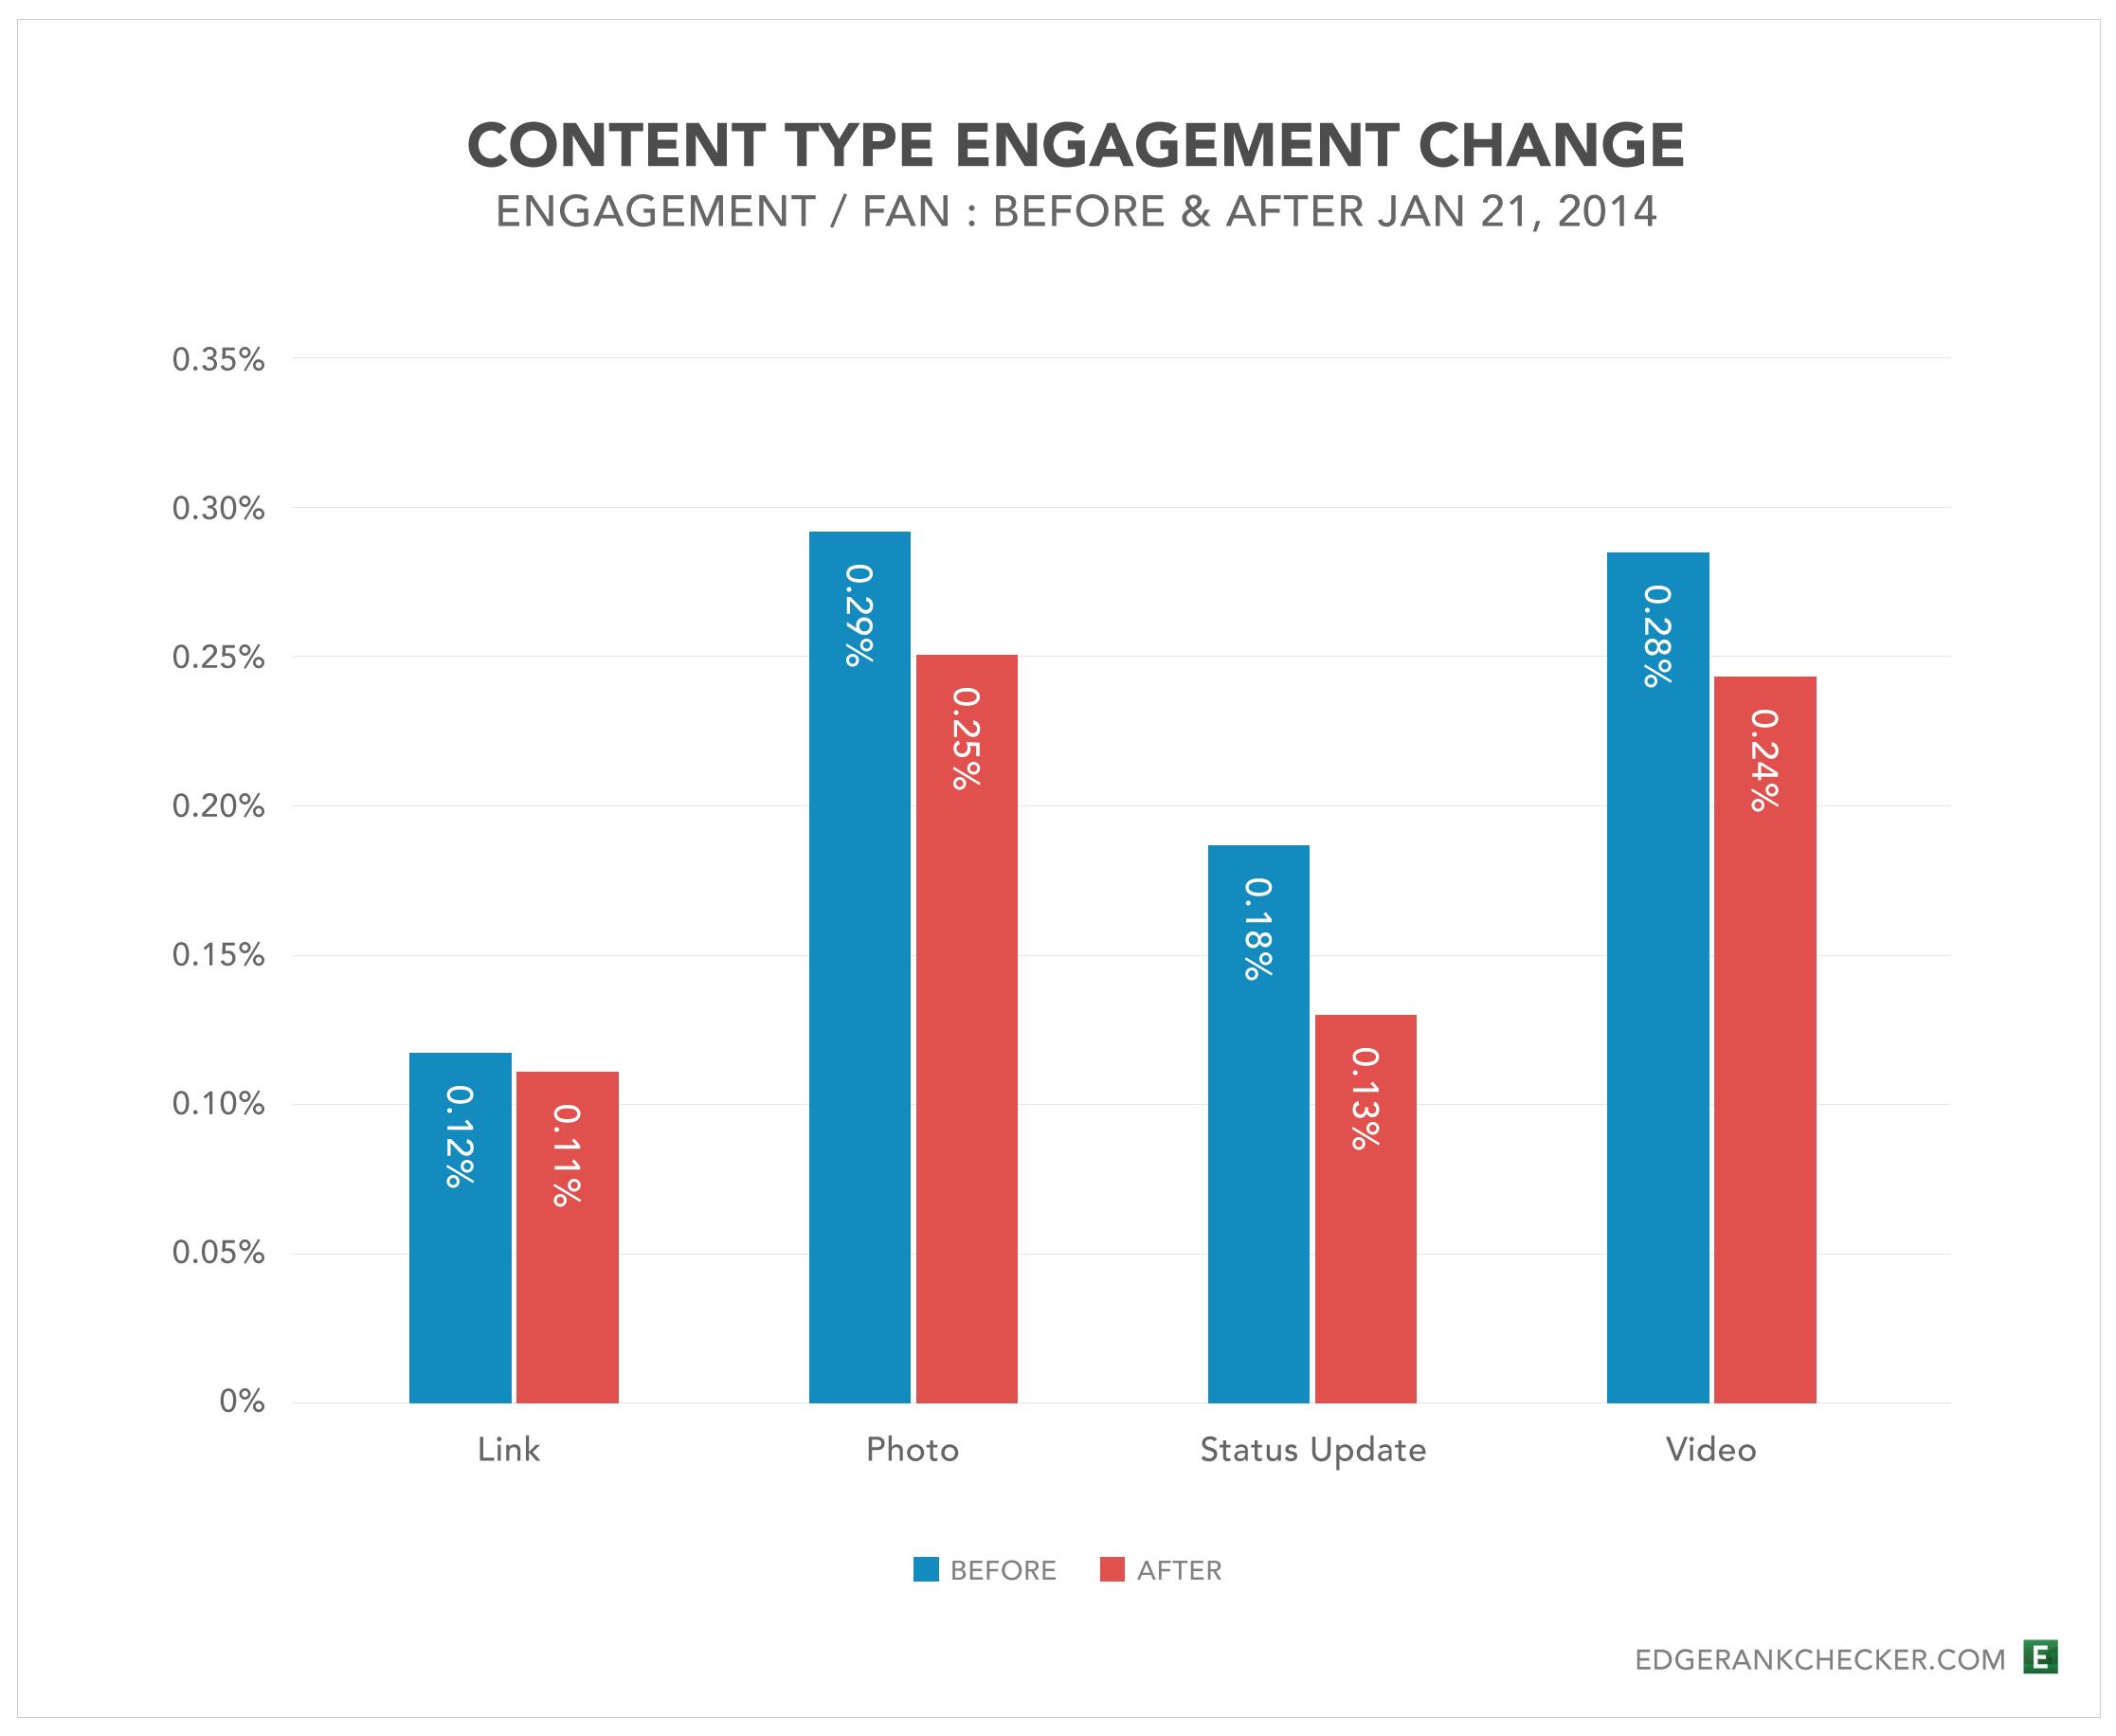 Facebook Videos erzielen die höchste Reichweite. Fotos die beste Interaktionsrate.